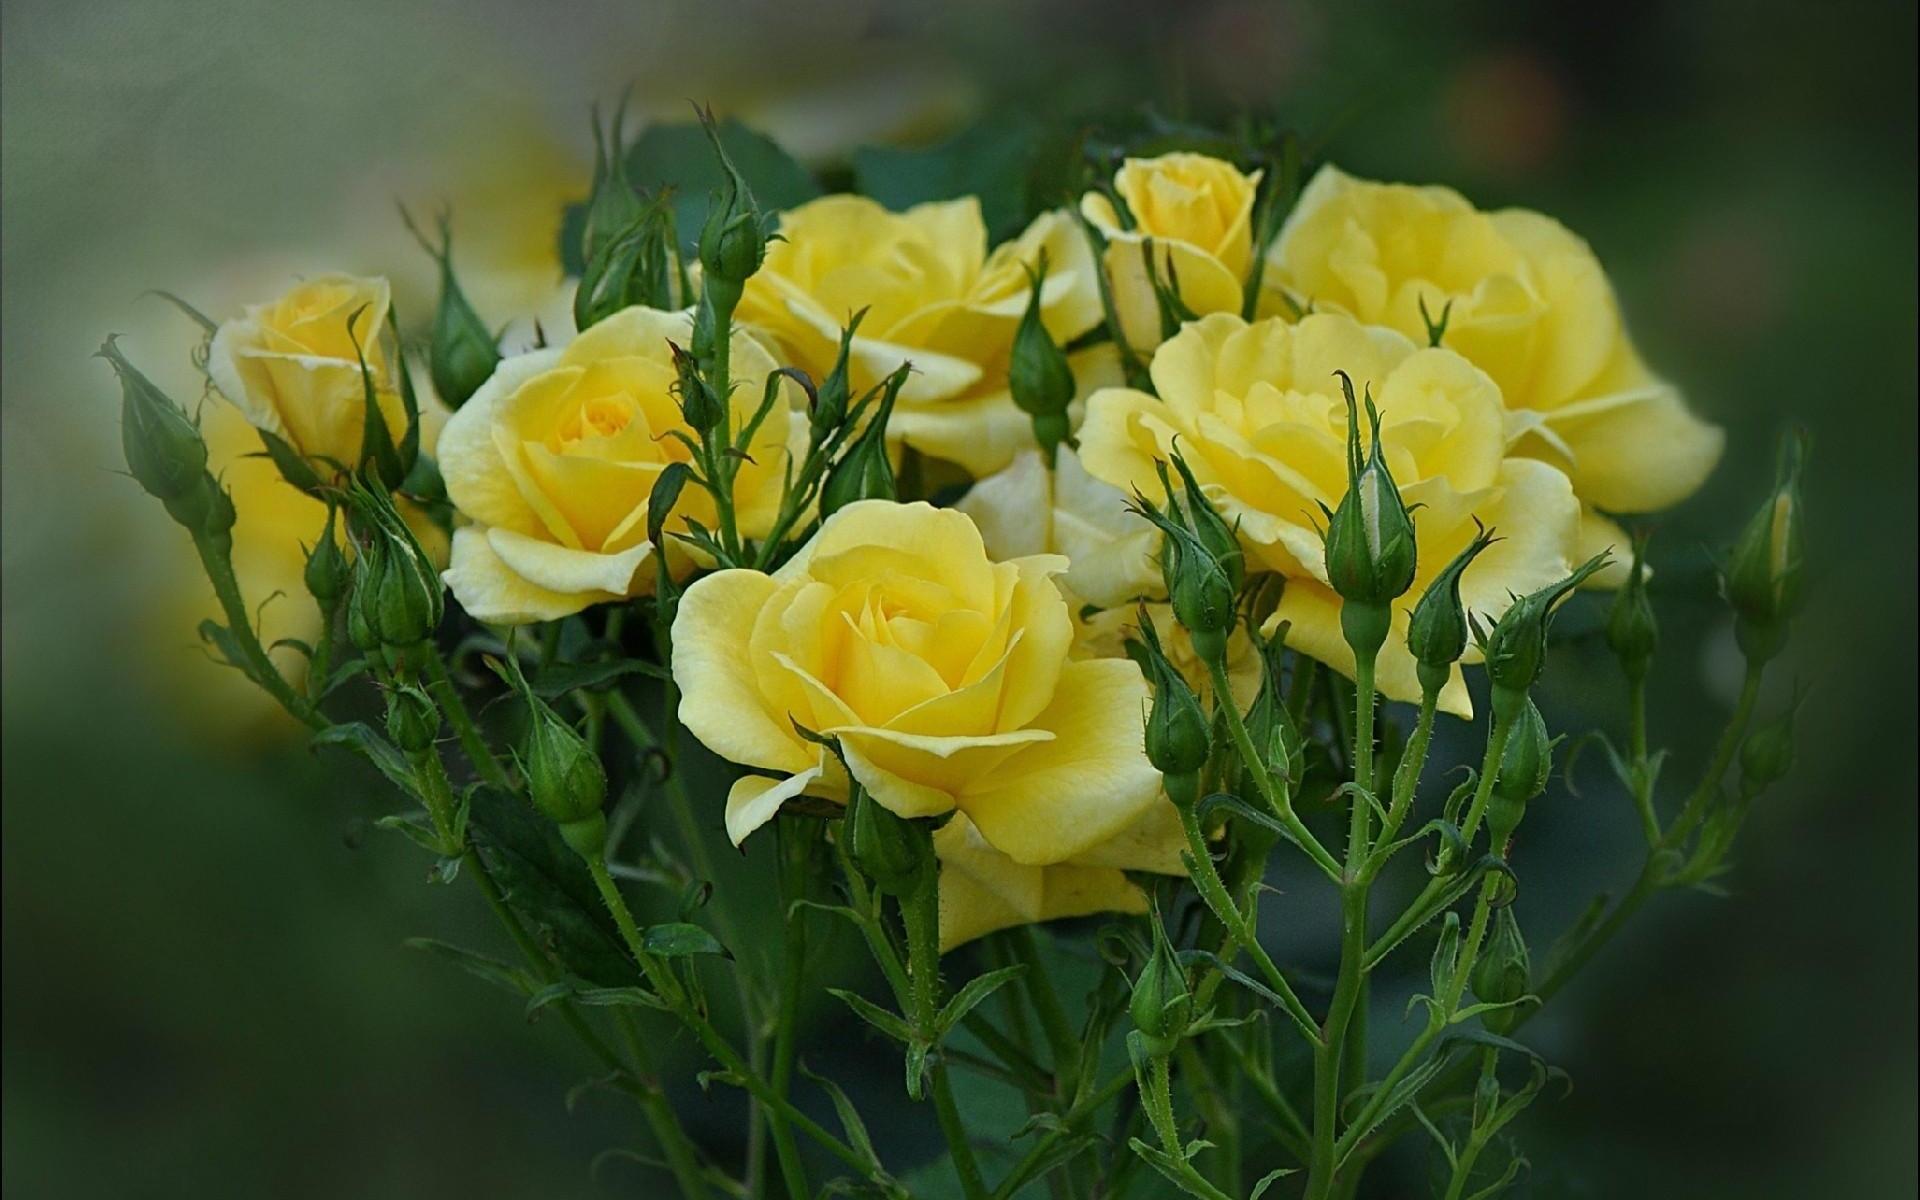 Картинки Розы, цветы, букет, размытие фото и обои на рабочий стол